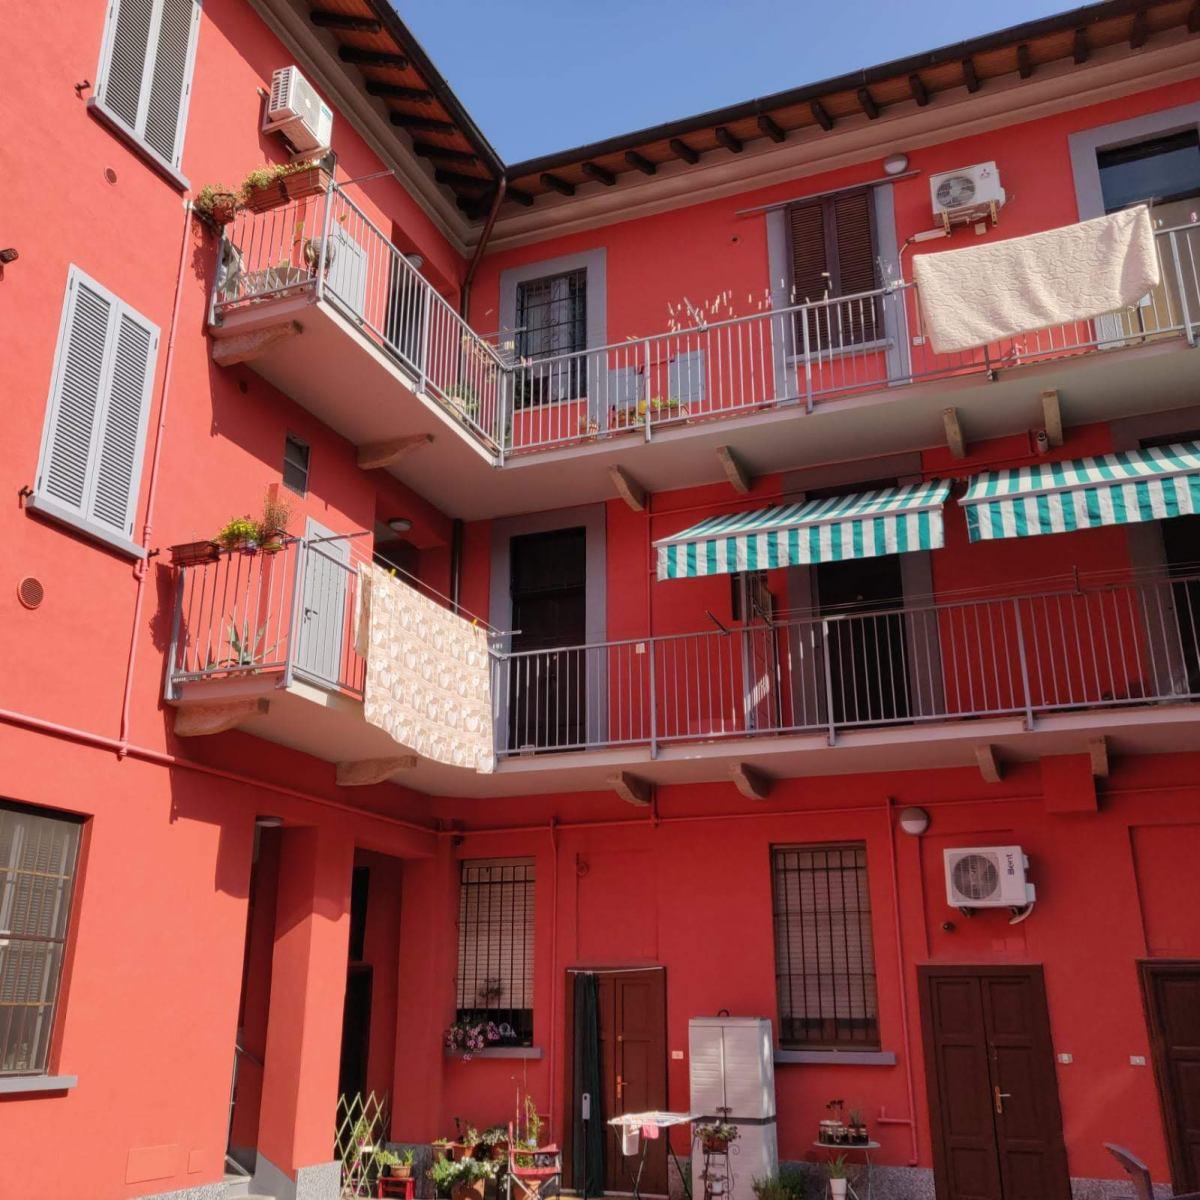 appartamento-bilocale-2-locali-in-vendita-milano-bggio-via-forze-armate-348-spaziourbano-immobiliare-vende-7